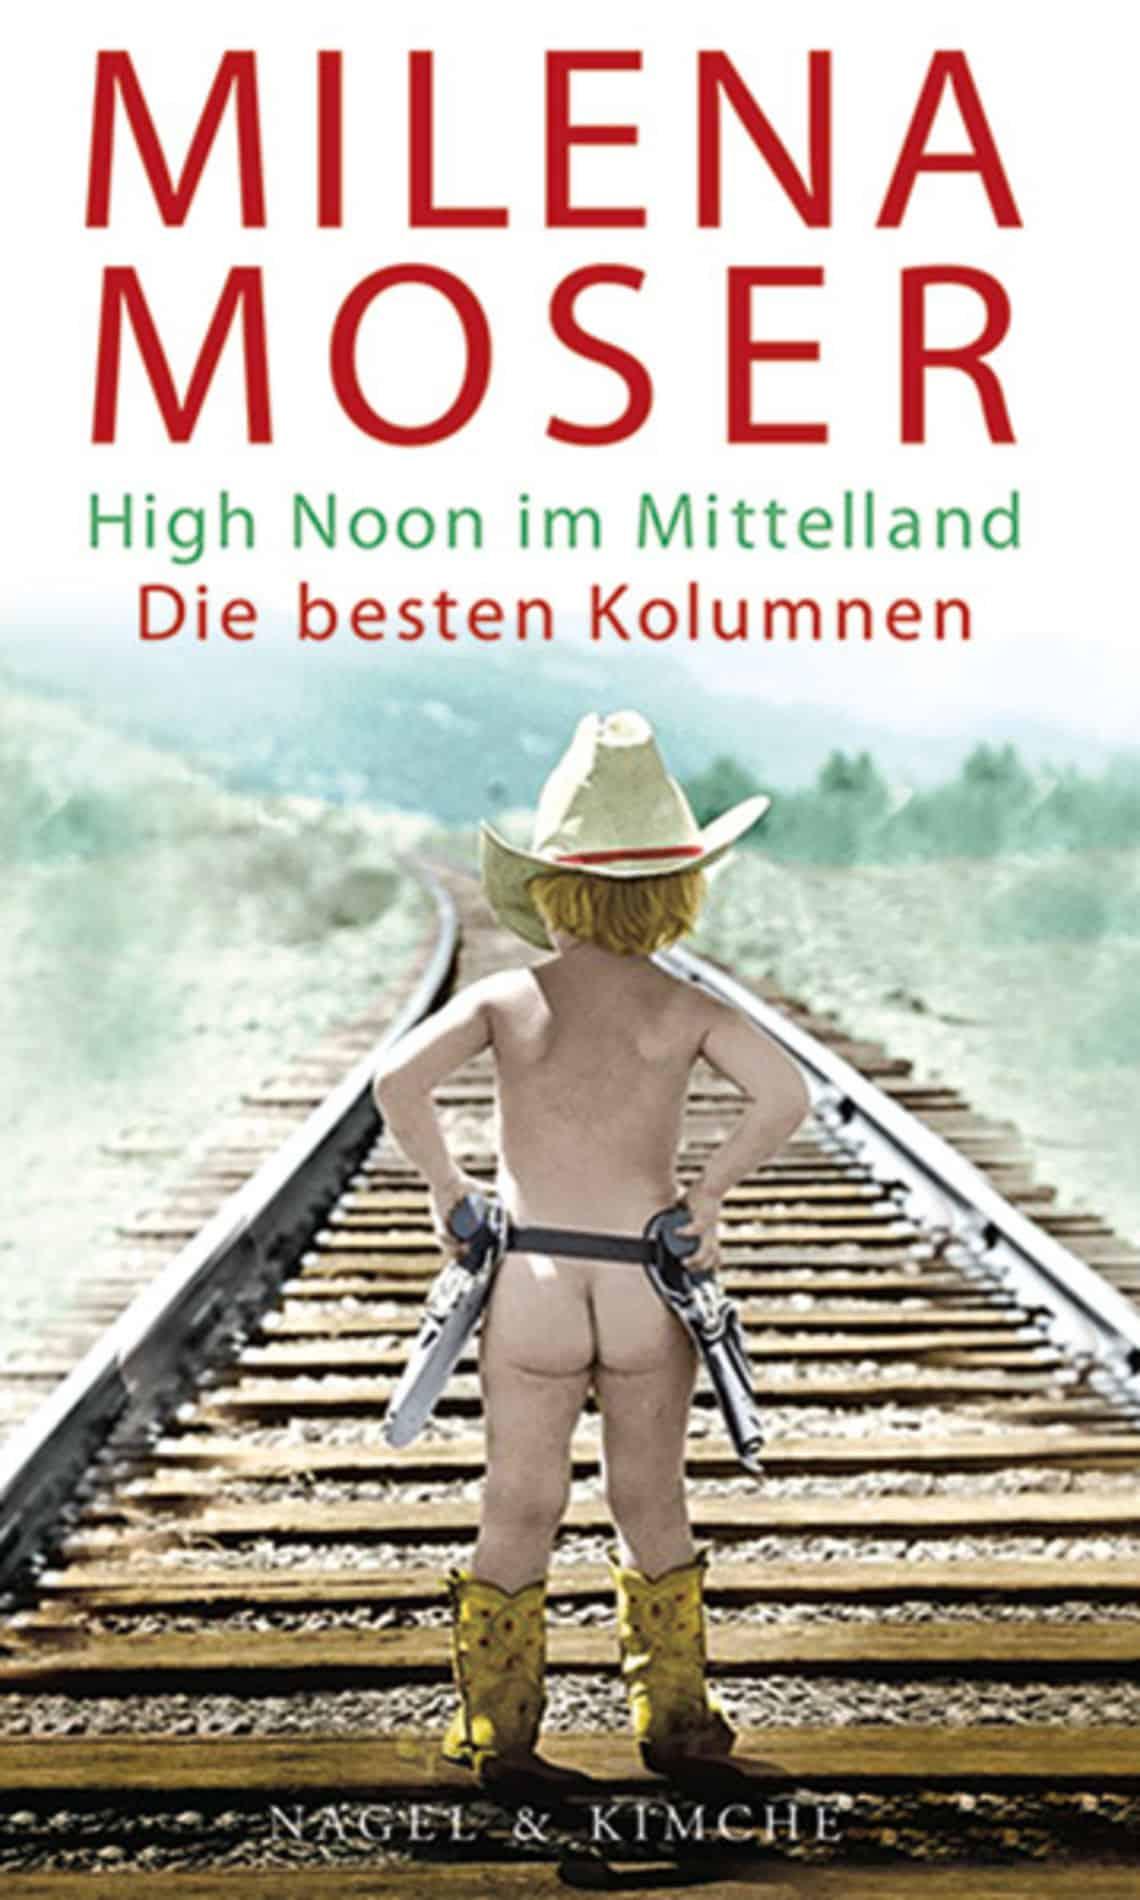 High Noon im Mittelland: Die besten Kolumnen